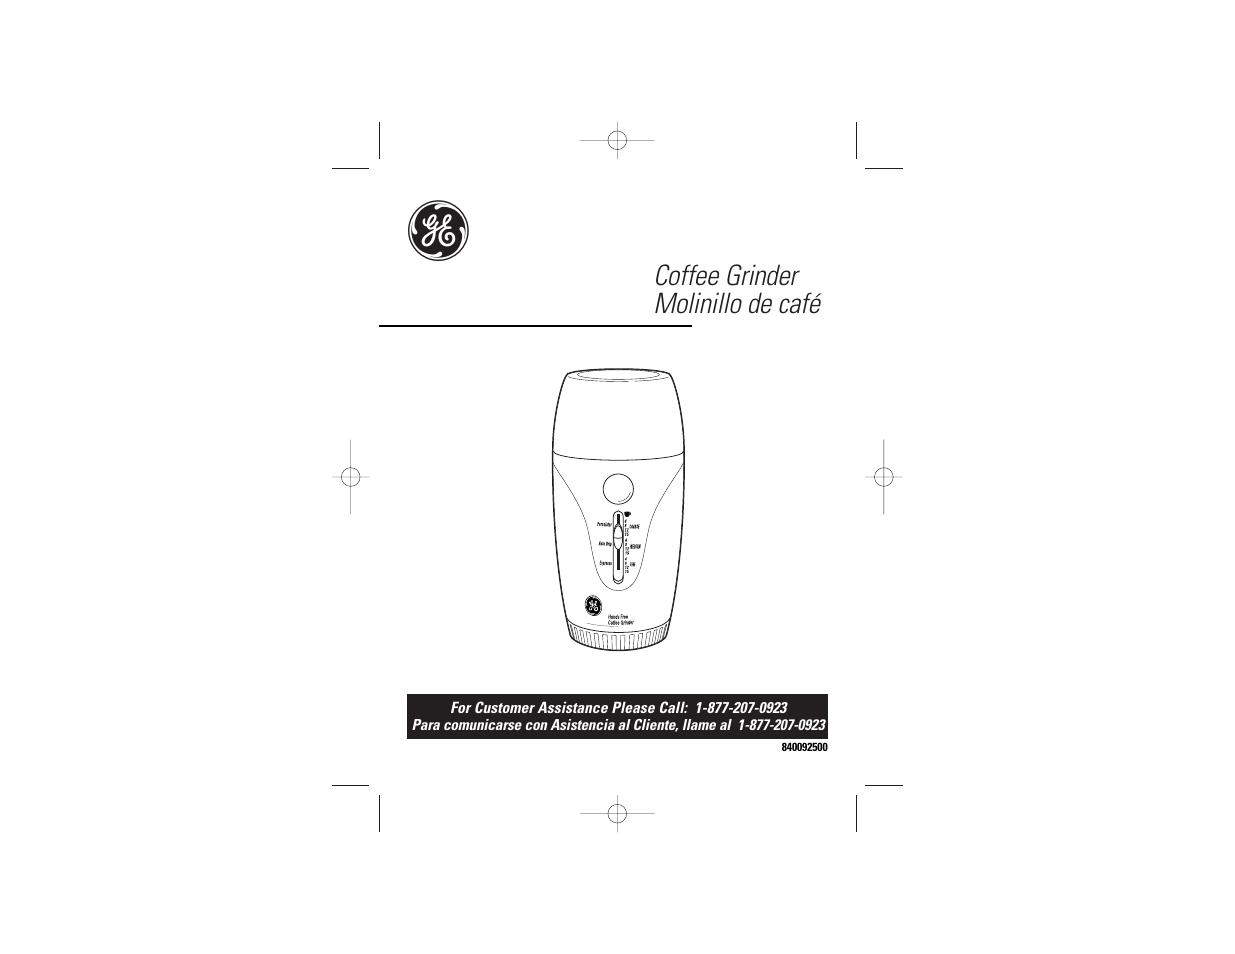 ge 169028 user manual 8 pages rh manualsdir com Manual Can Opener Mini Manual Can Openers